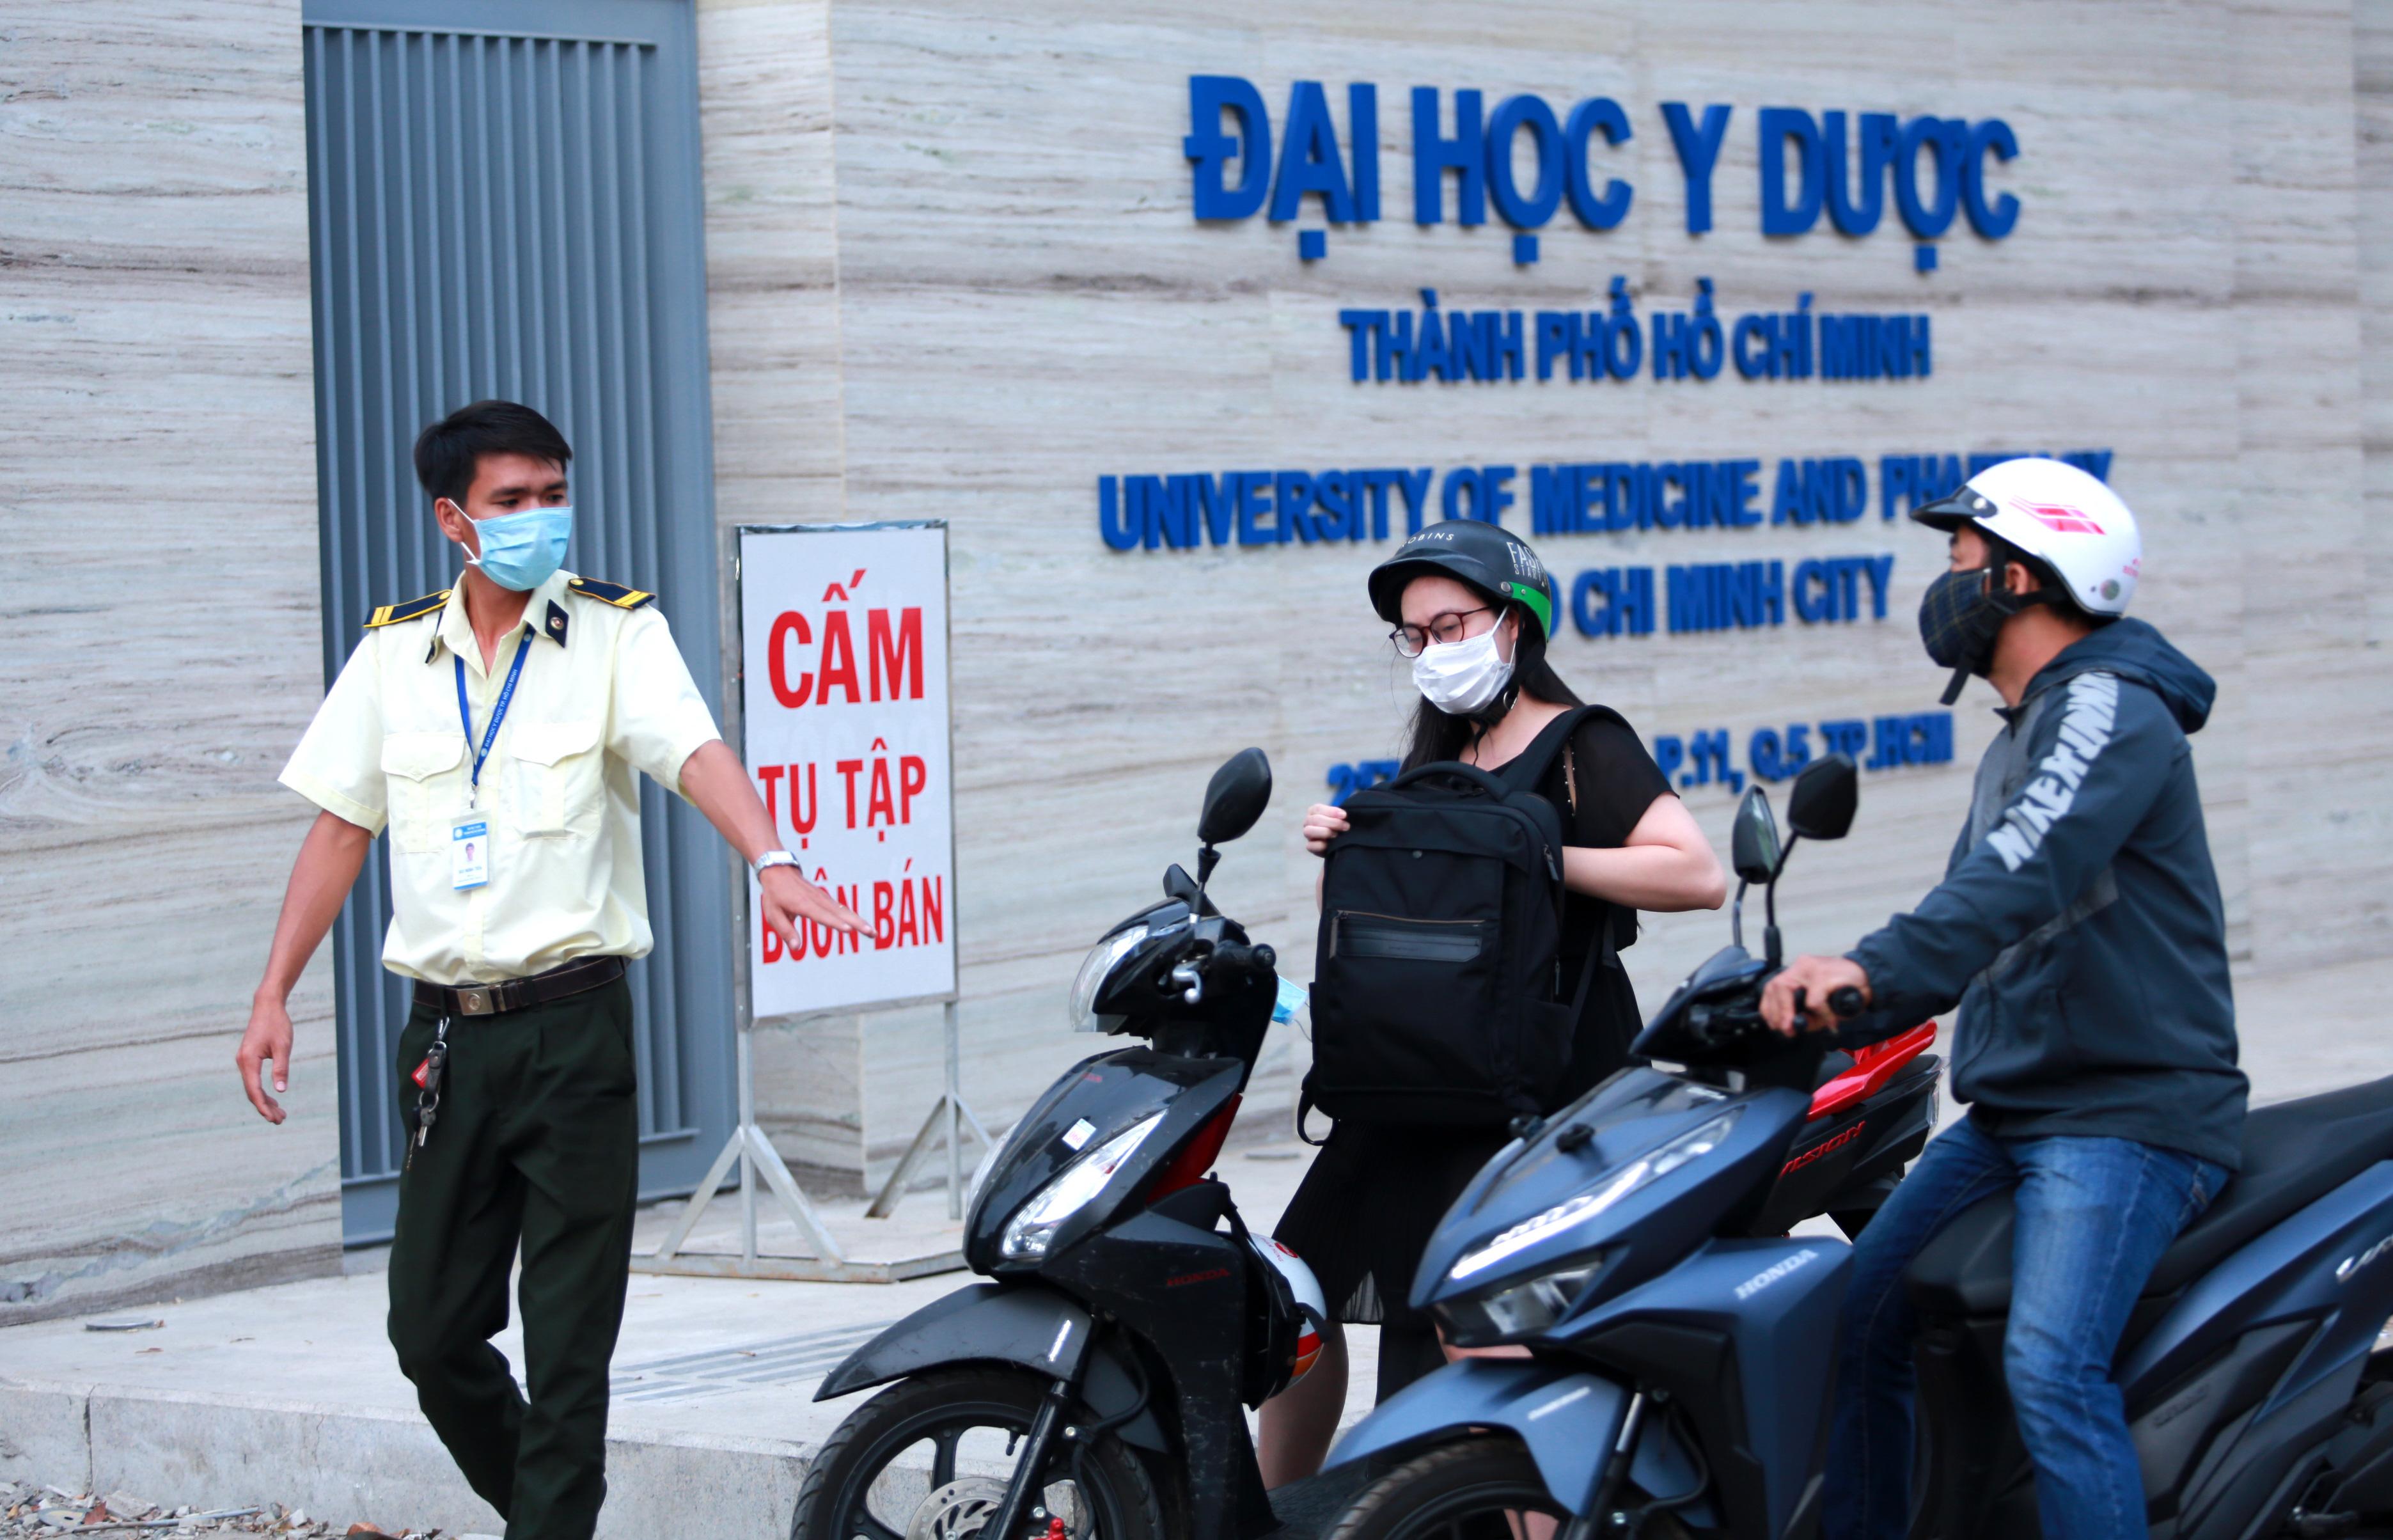 Trường ĐH duy nhất tại TP.HCM trở lại học tập, sinh viên bịt khẩu trang kín mít, kiểm tra nghiêm ngặt khi vào trường - Ảnh 6.